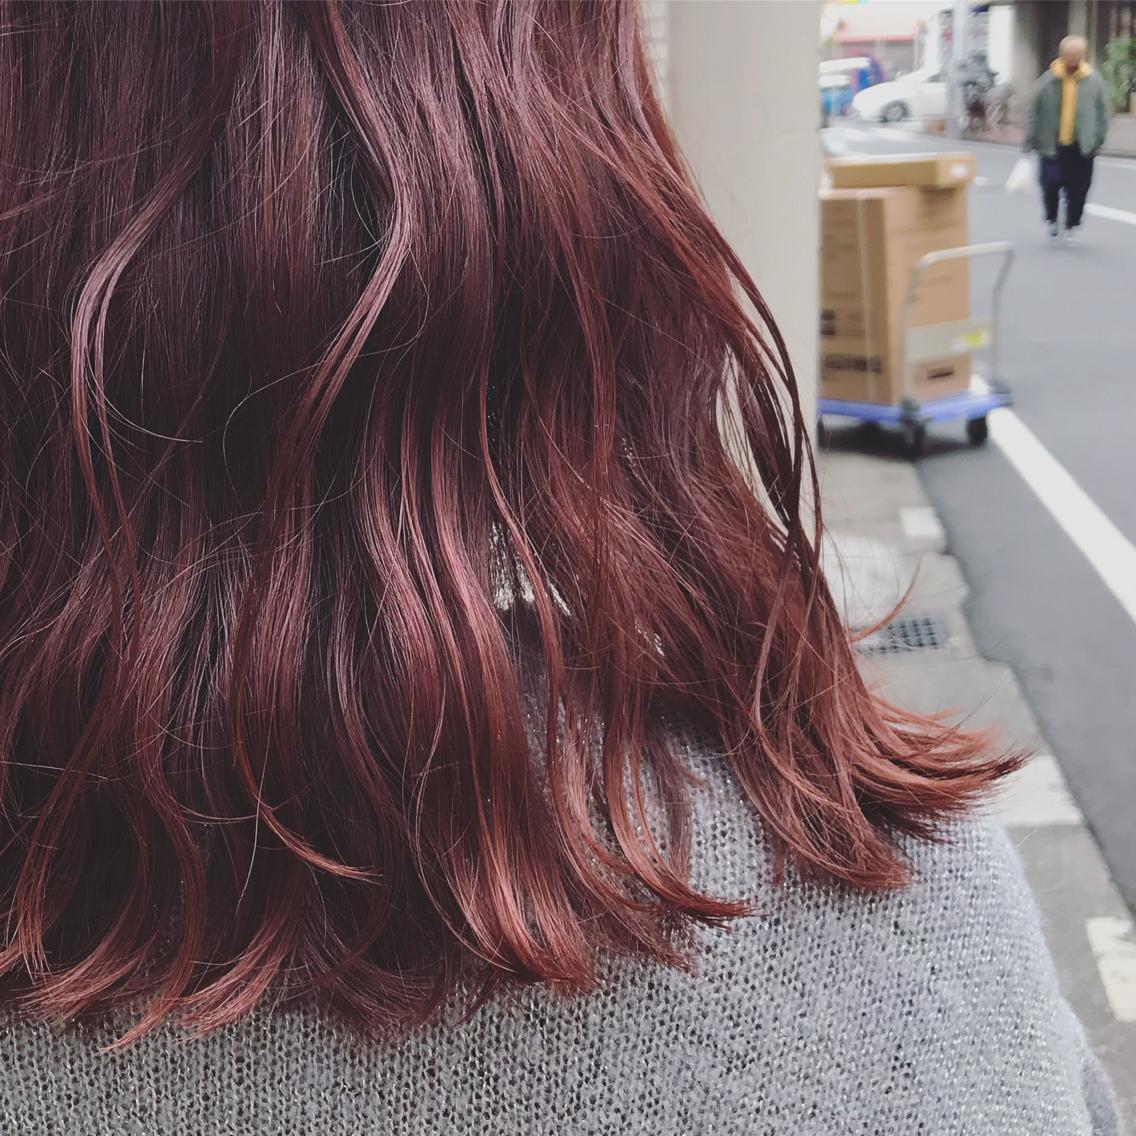 #カラー 絶妙な配合で、やりすぎず、でもしっかり発色する赤髪 🥀